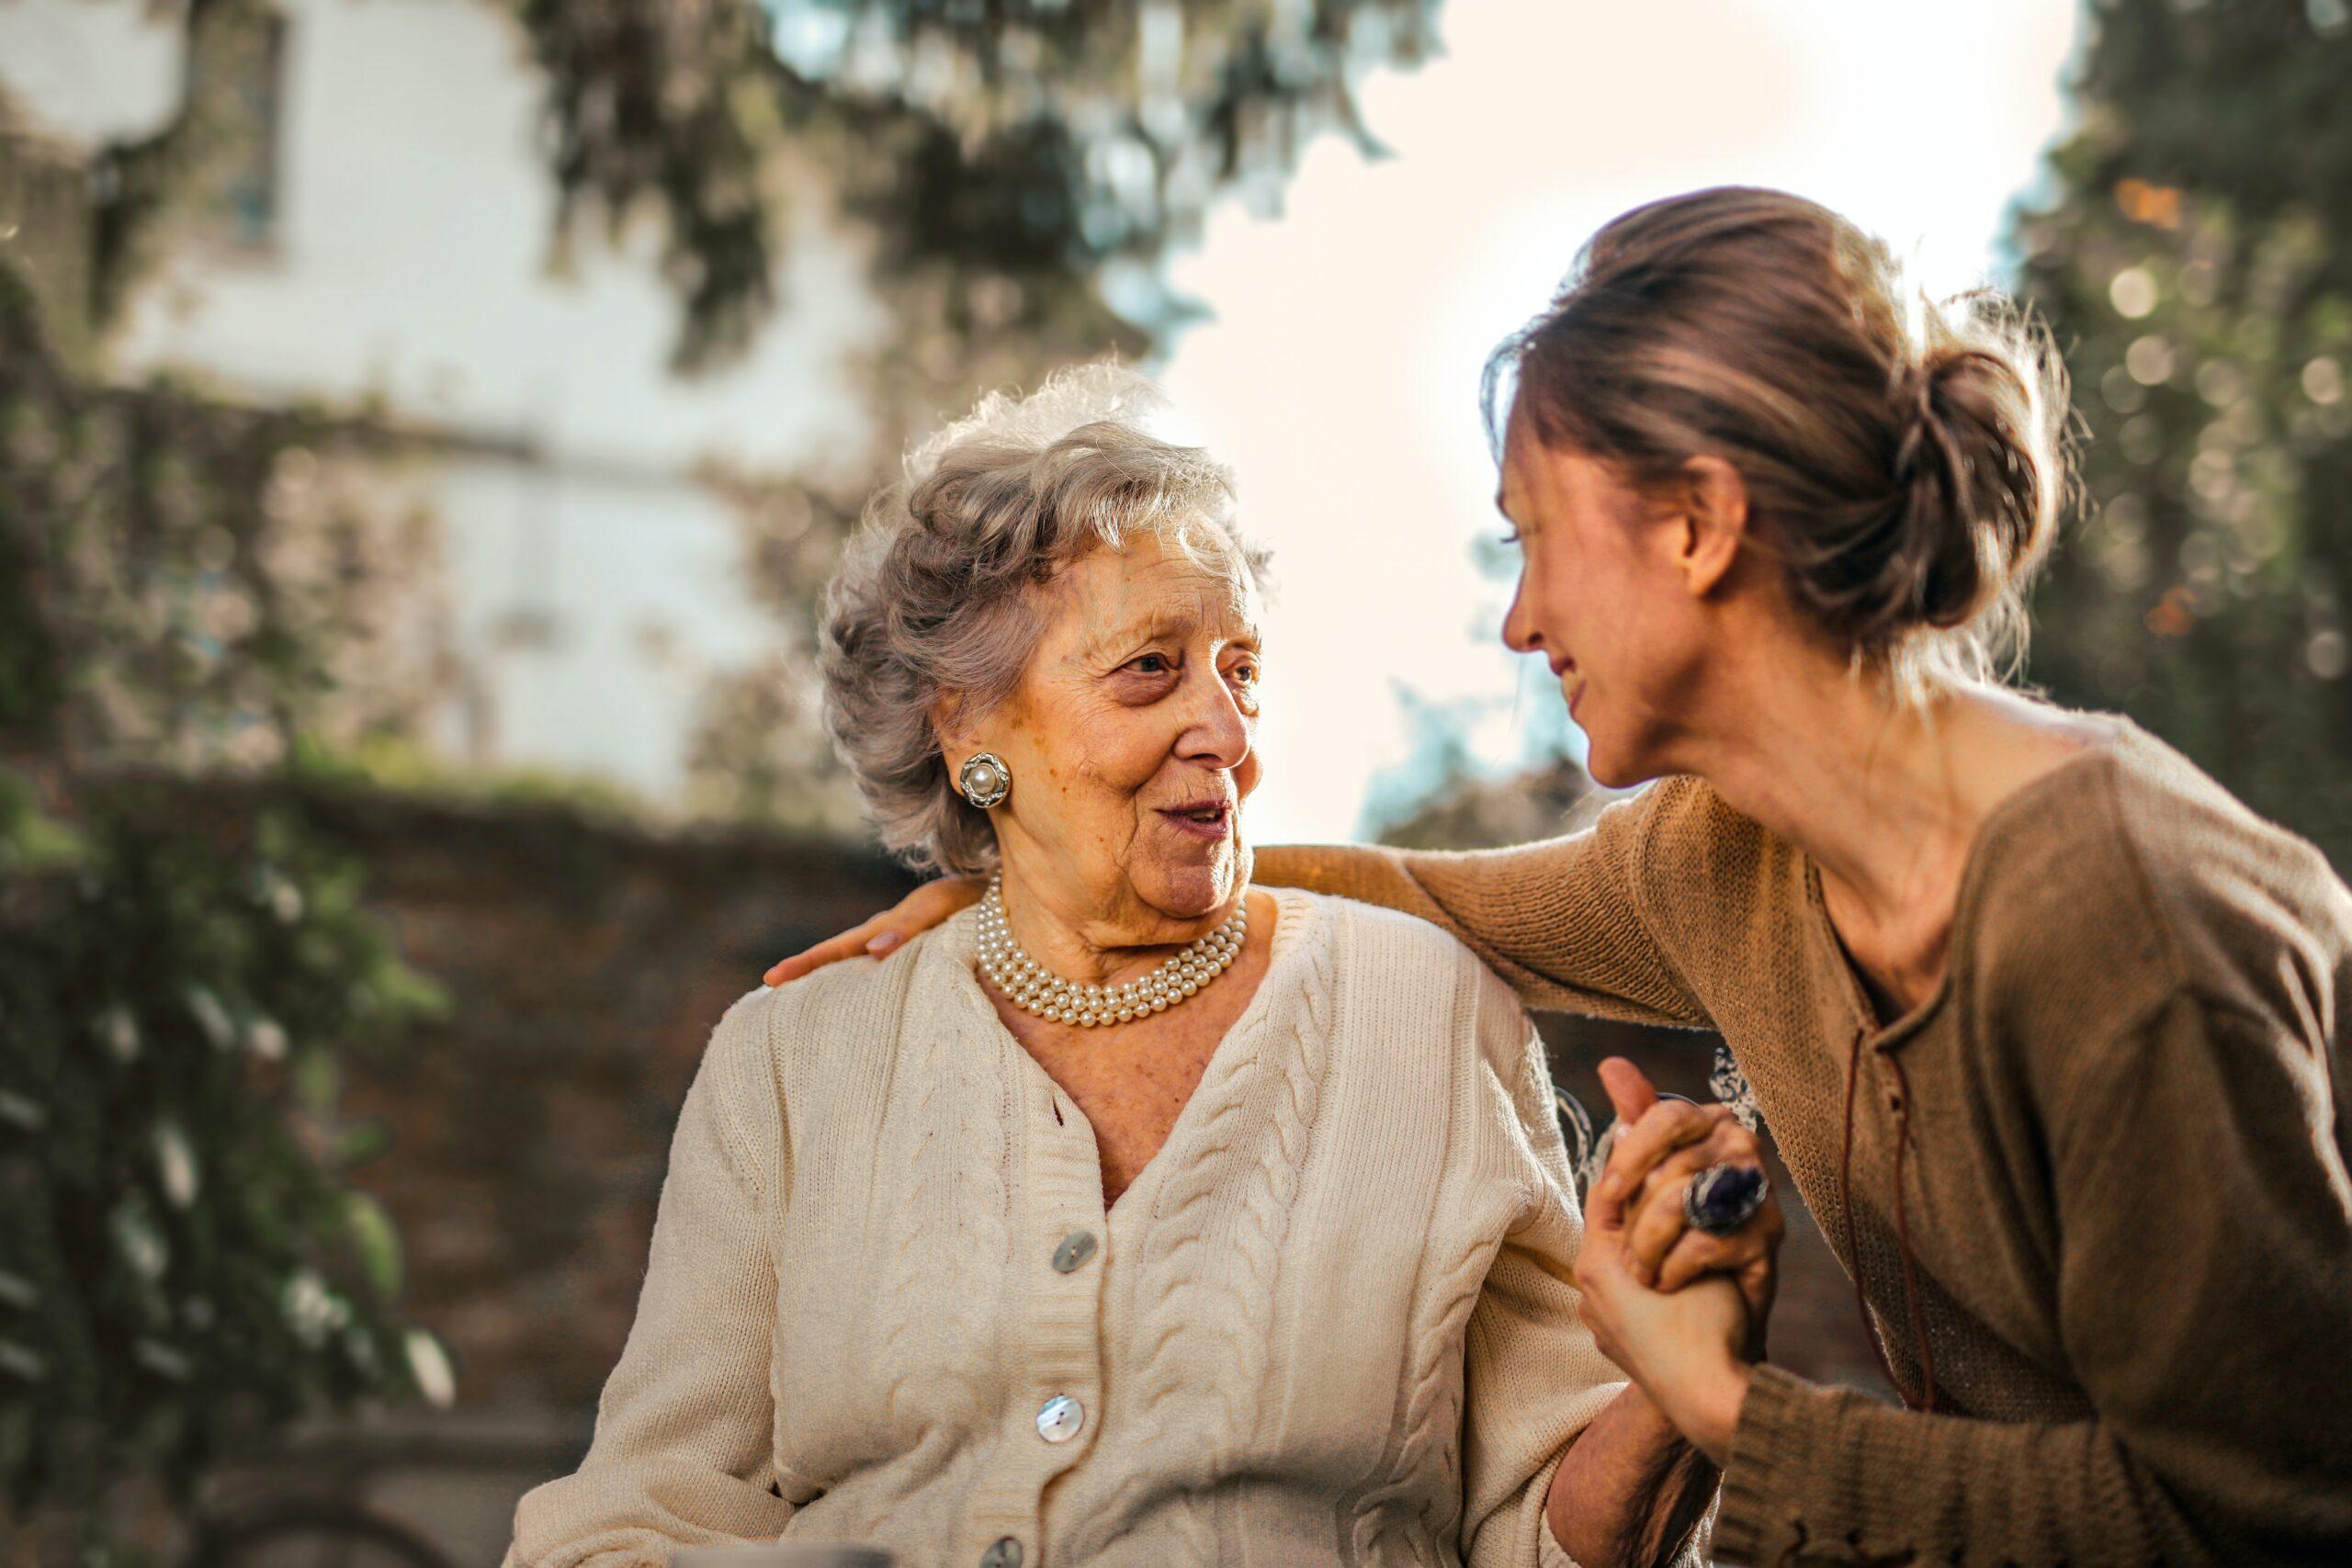 personnes âgées et jeunes